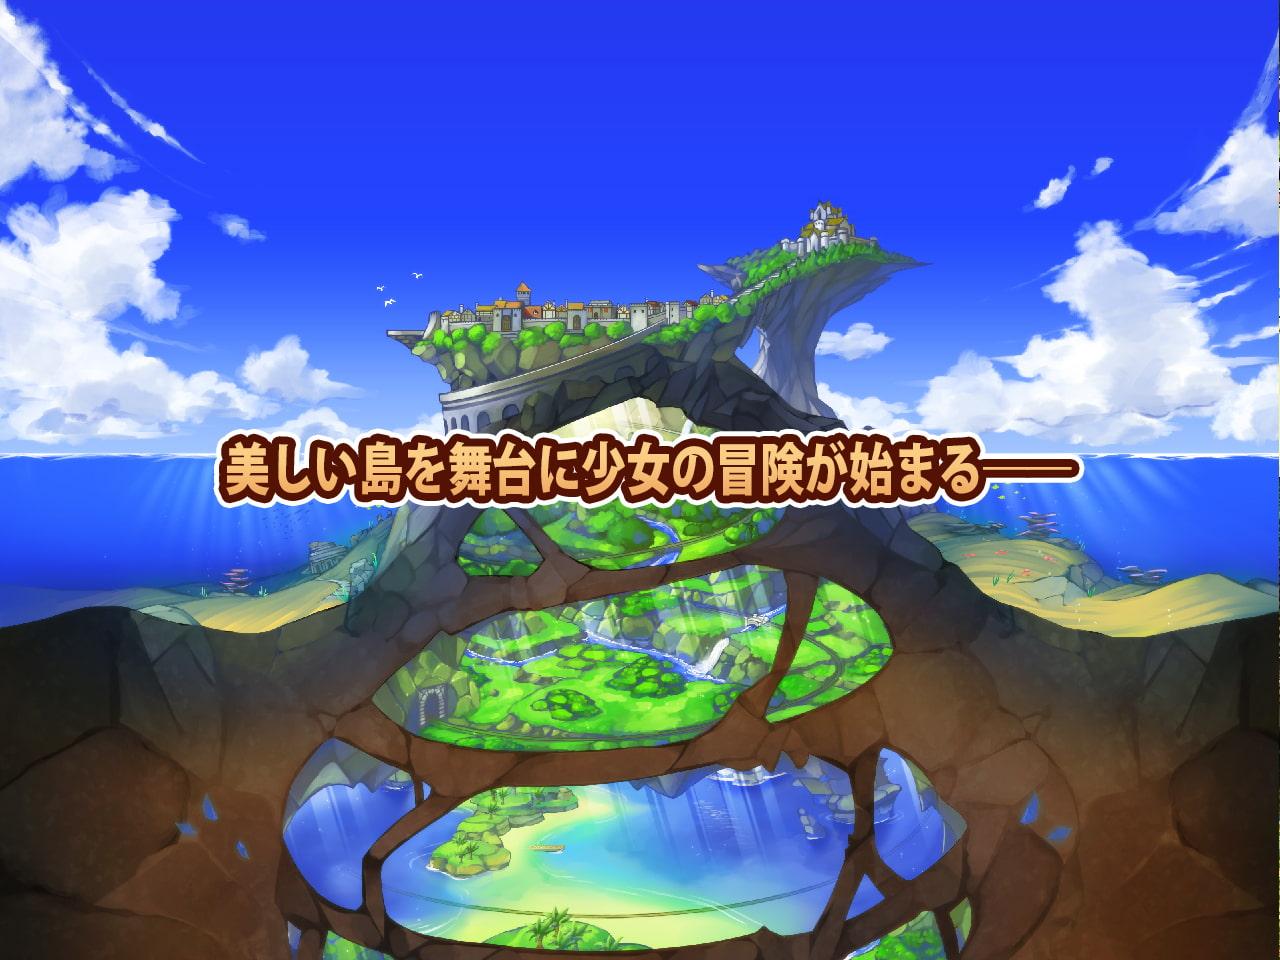 18禁ARPG《シェリル~金色の竜と遺跡の島~》上架DLsite!淫亂煉金術士如何復興工坊?